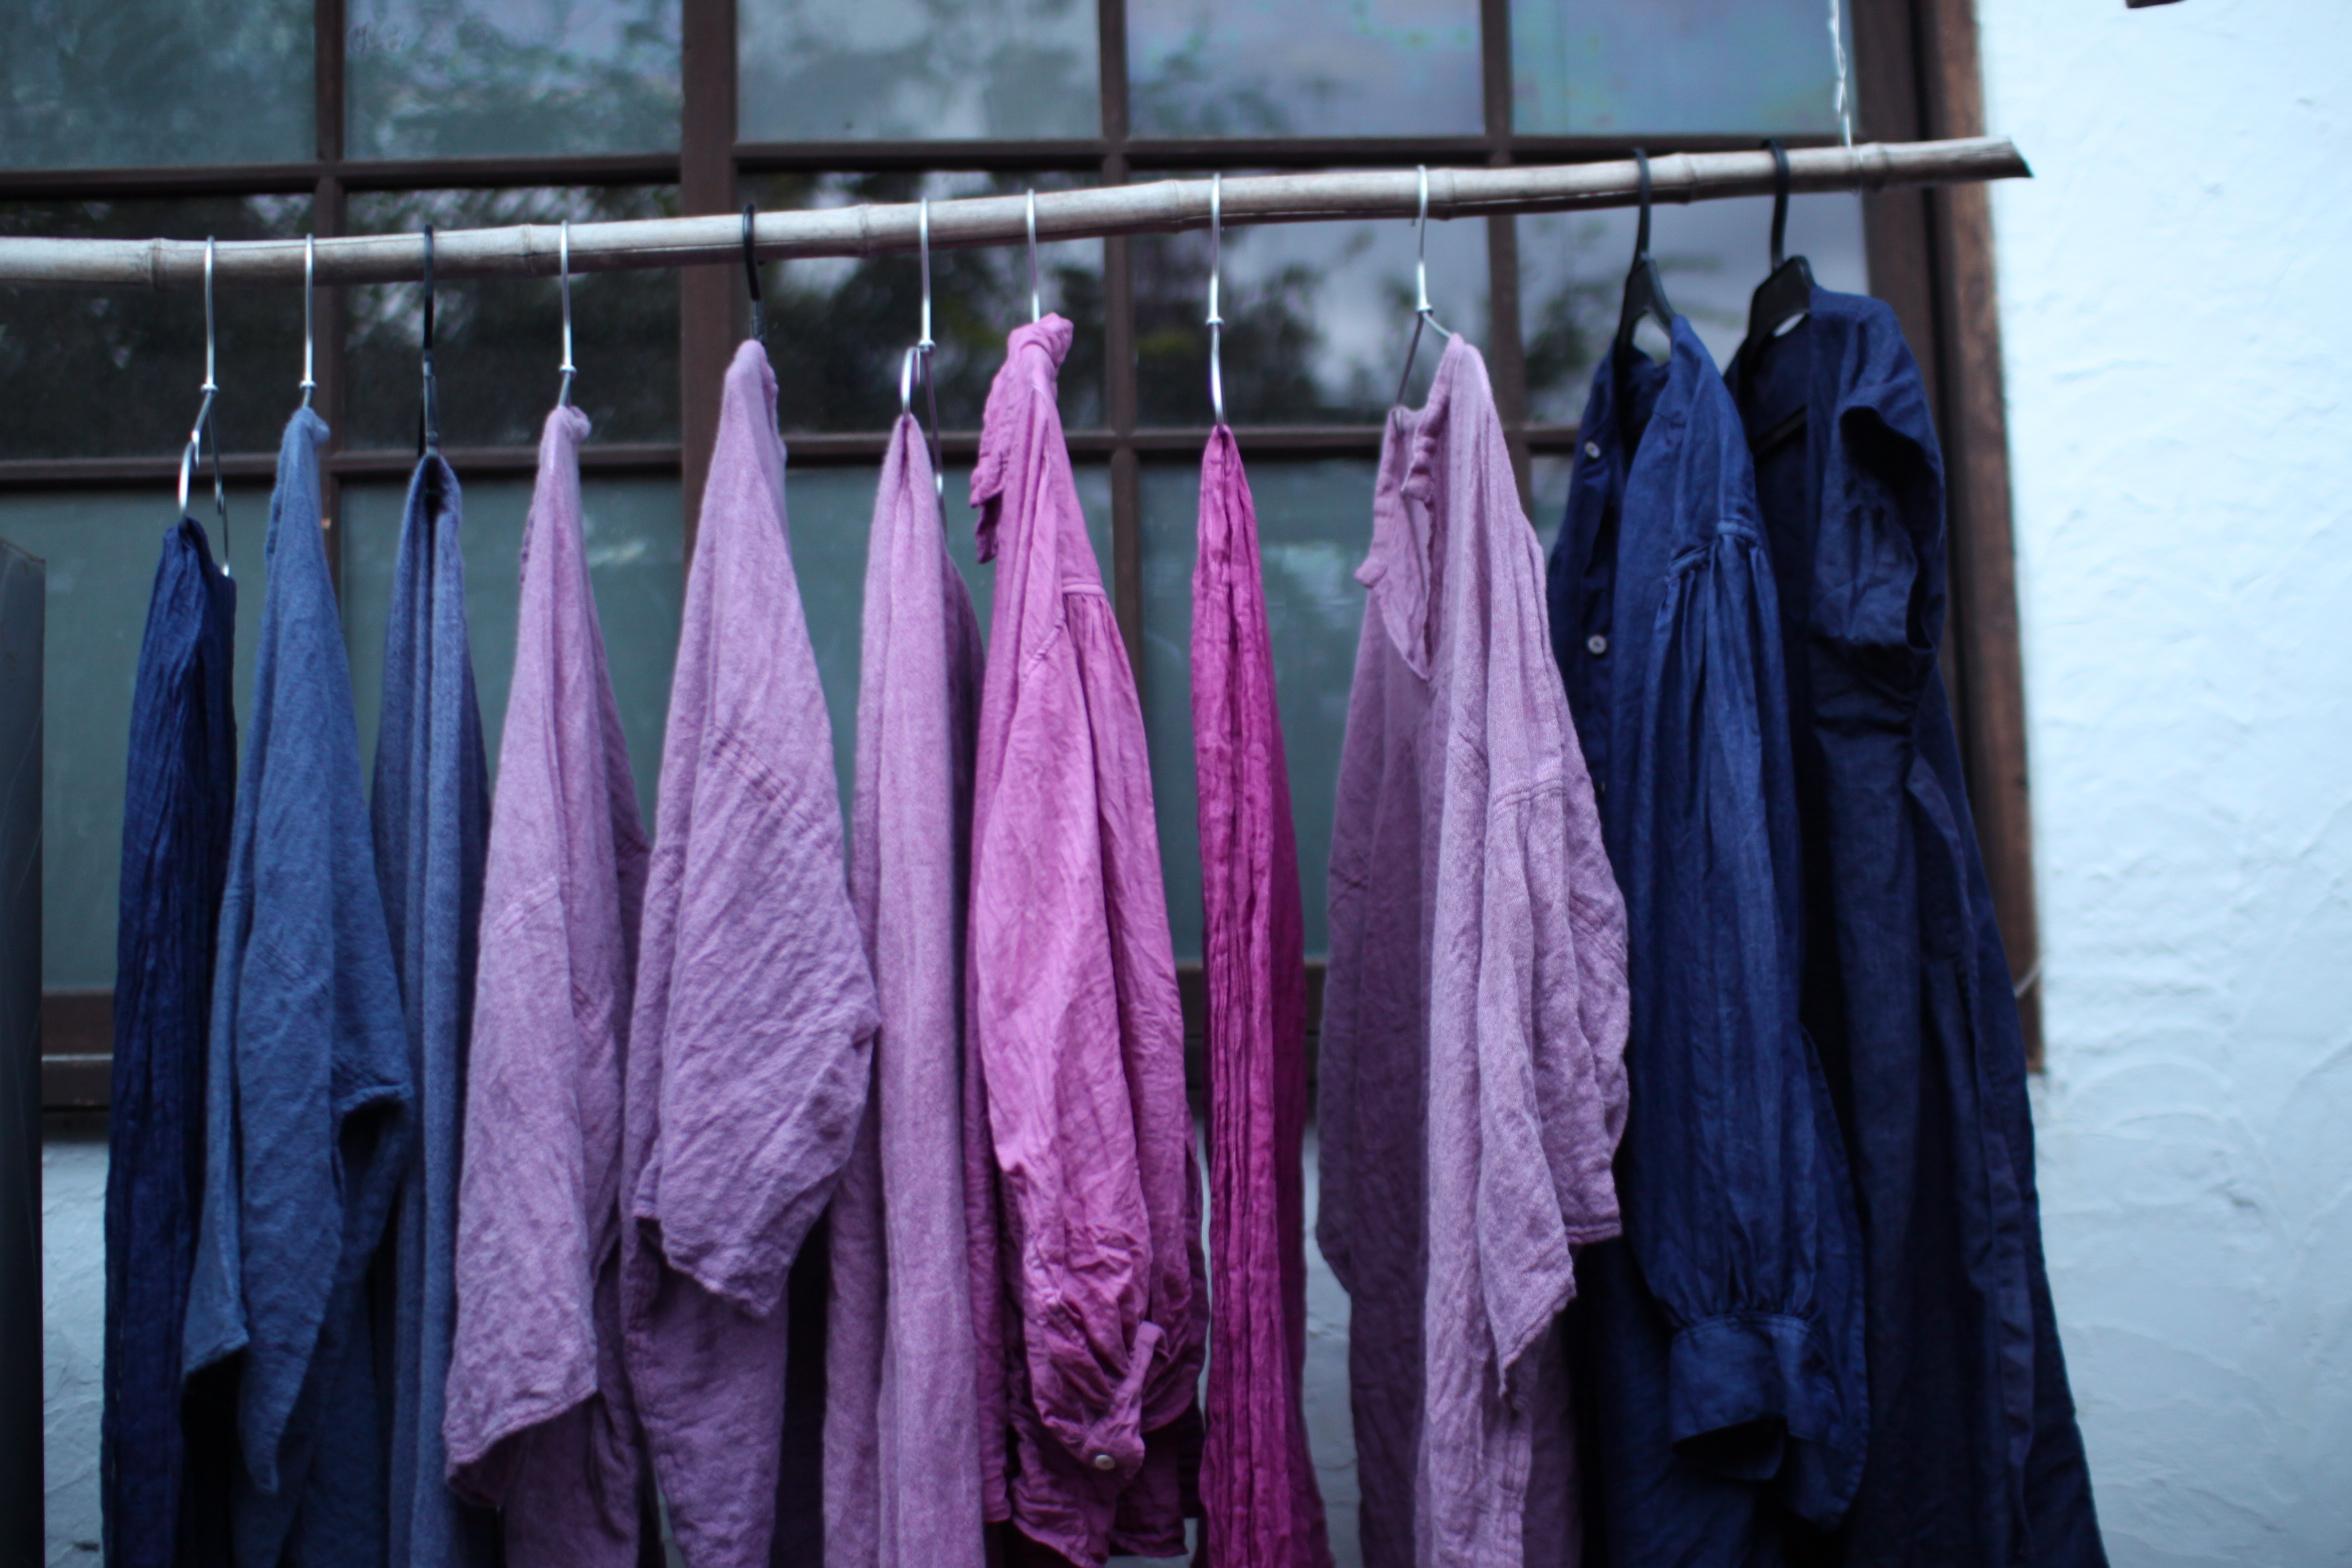 indigo dyed linen robe 草木染め 藍染め 琉球藍 藍 コチニール 染め リネン ワンピース